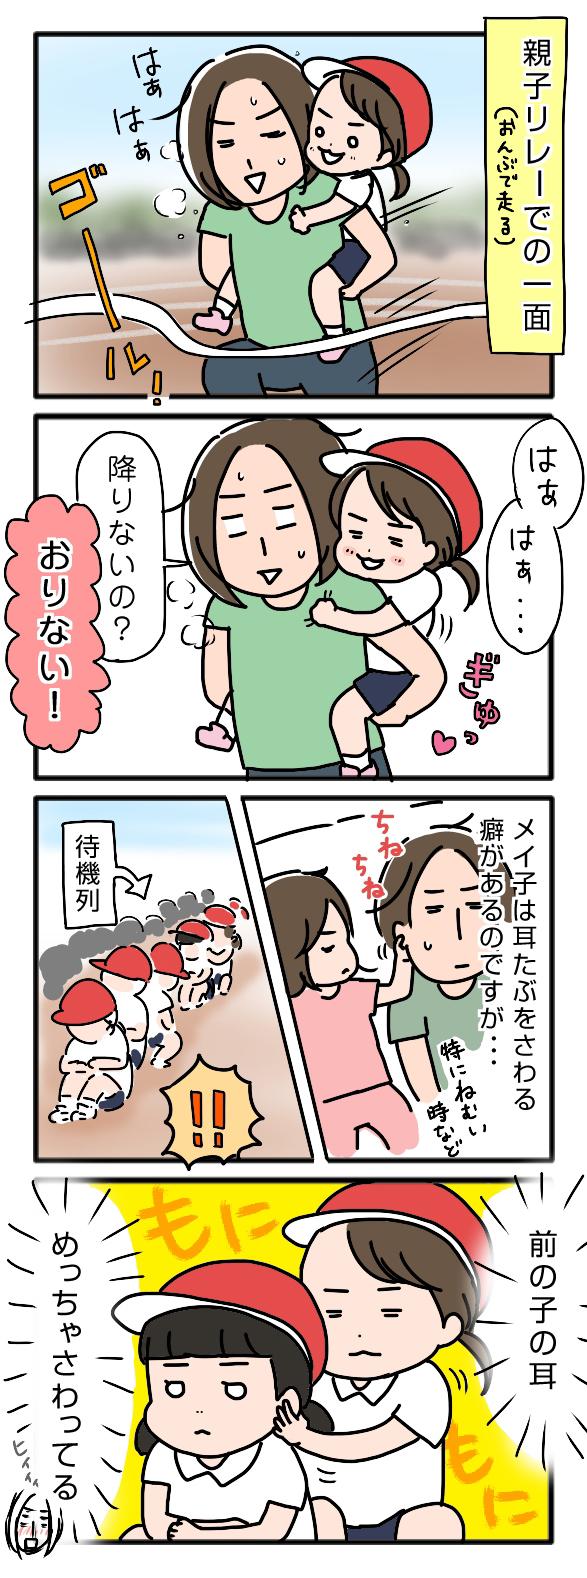 運動会中に感じた、娘のまだまだ甘えん坊な一面 ~姉ちゃんは育児中 年少編15~の画像1